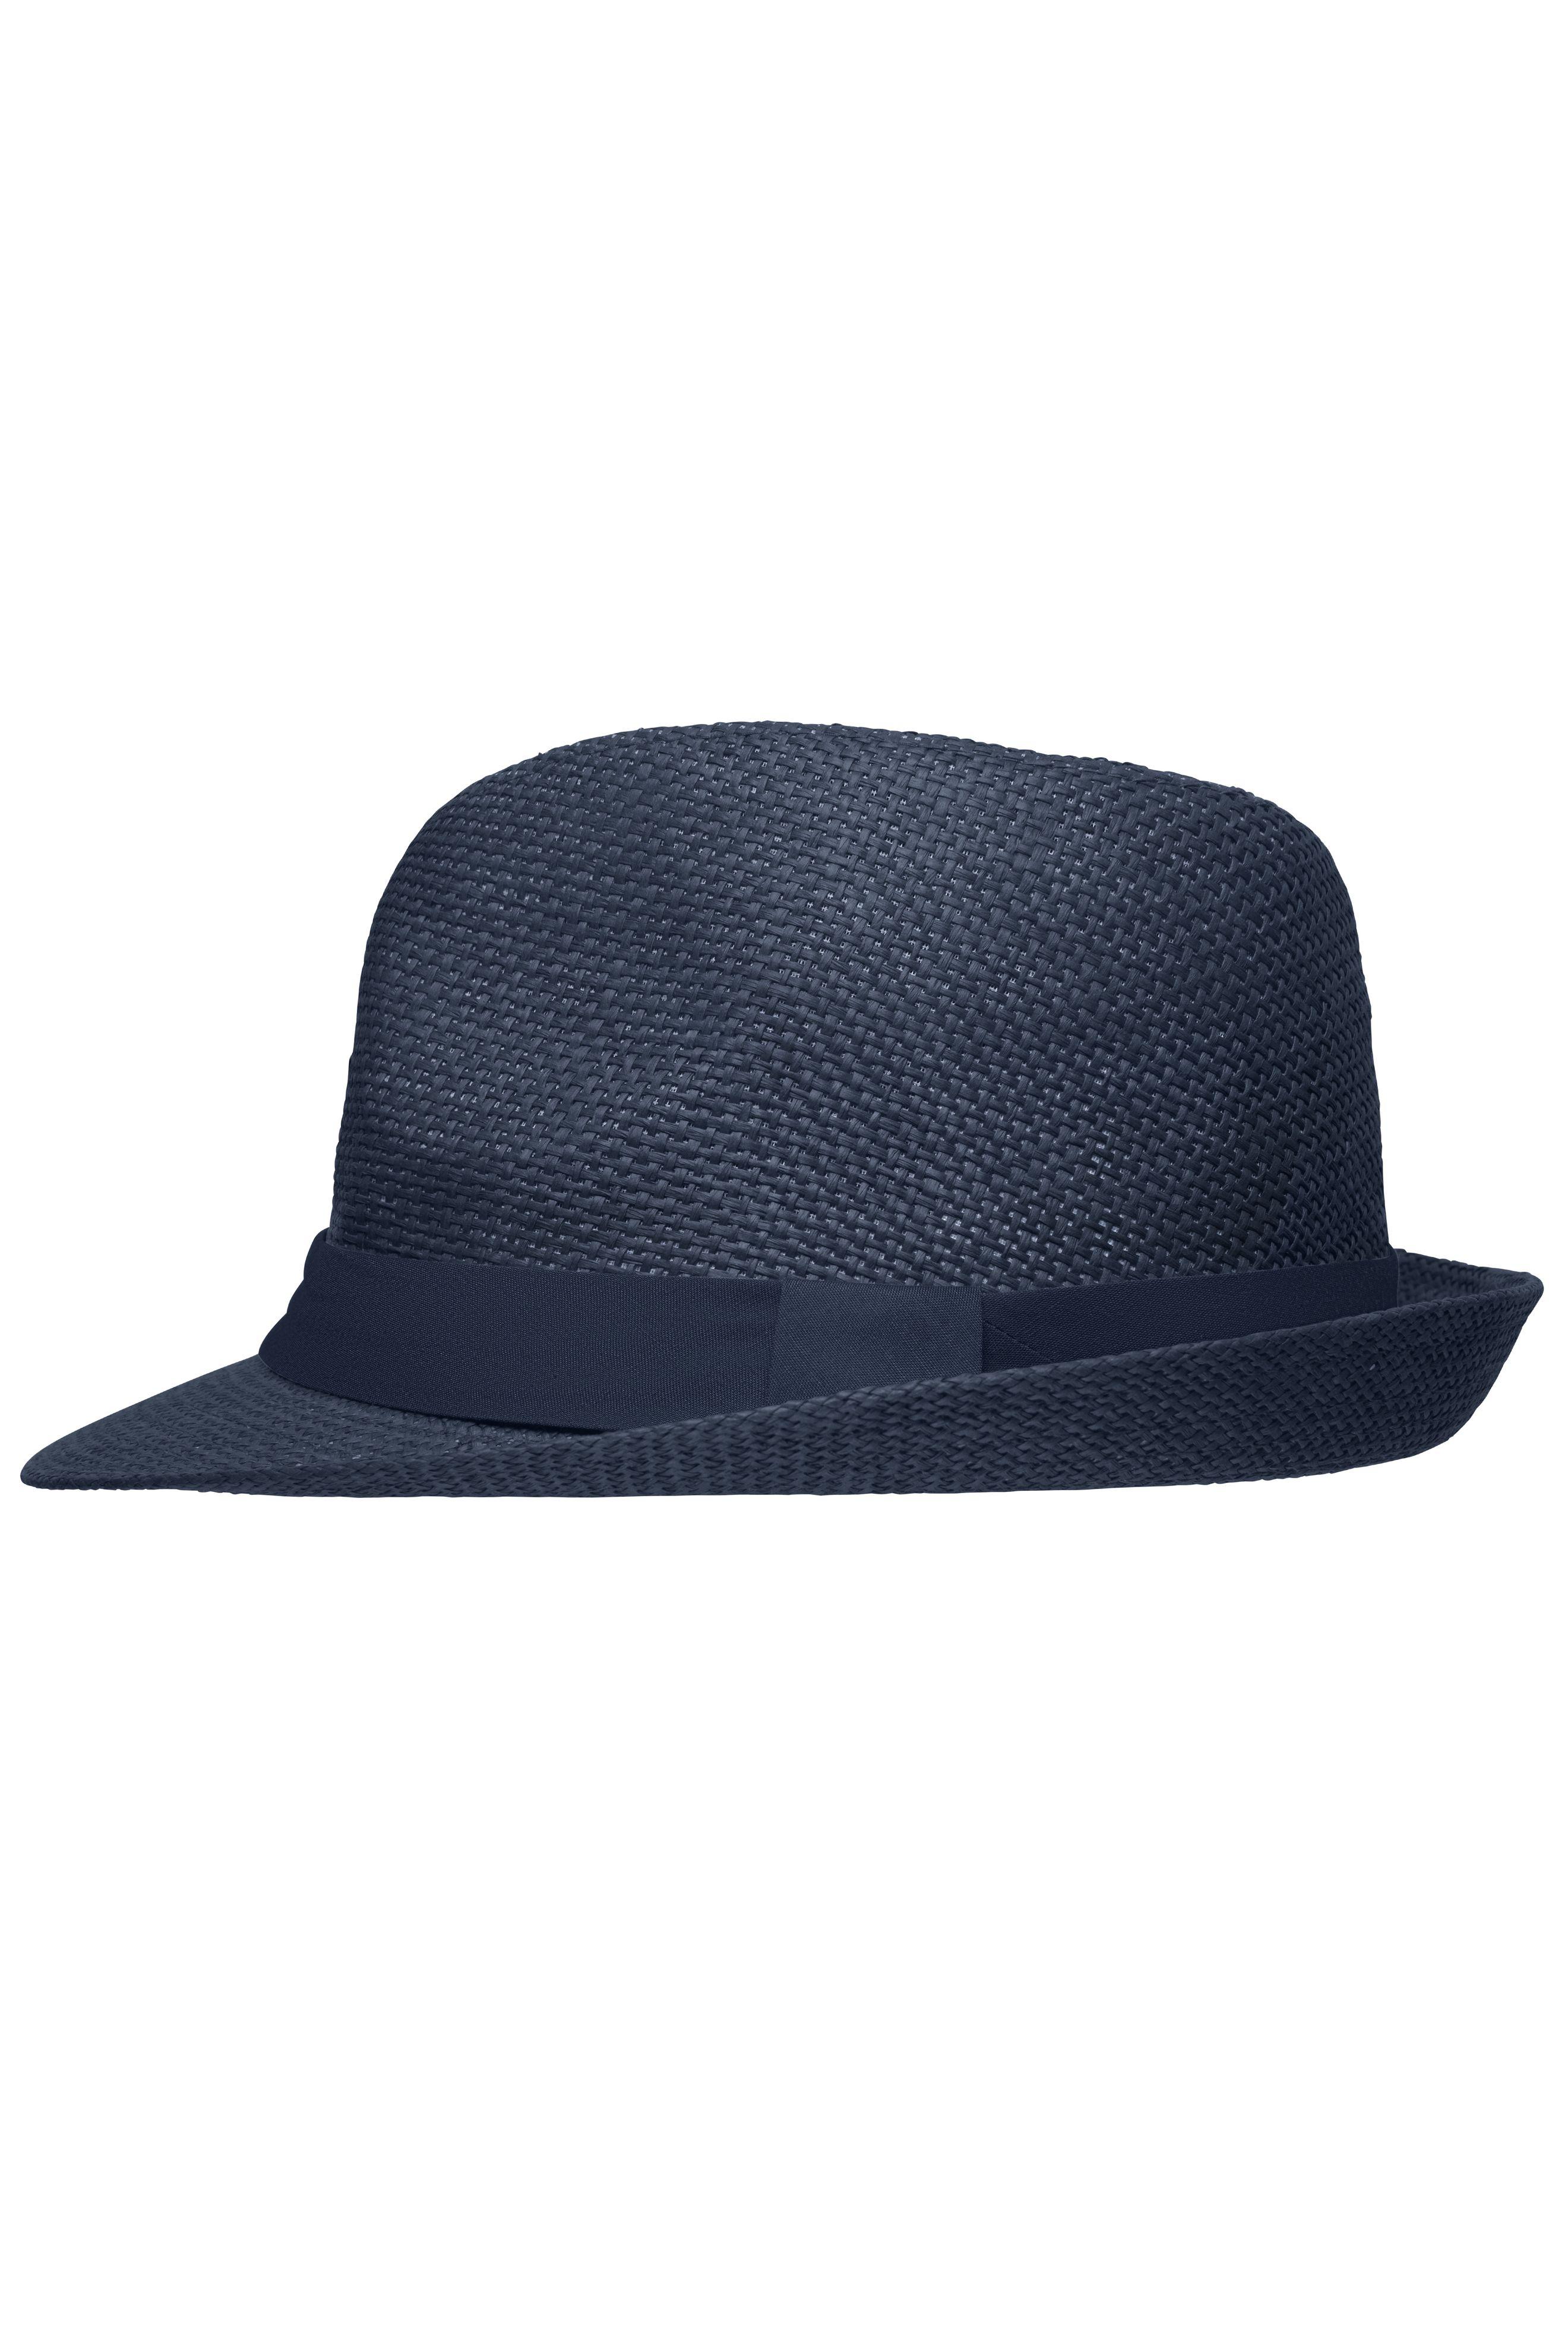 Stylisher, sommerlicher Streetwear Hut mit breitem kontrastfarbigem Band